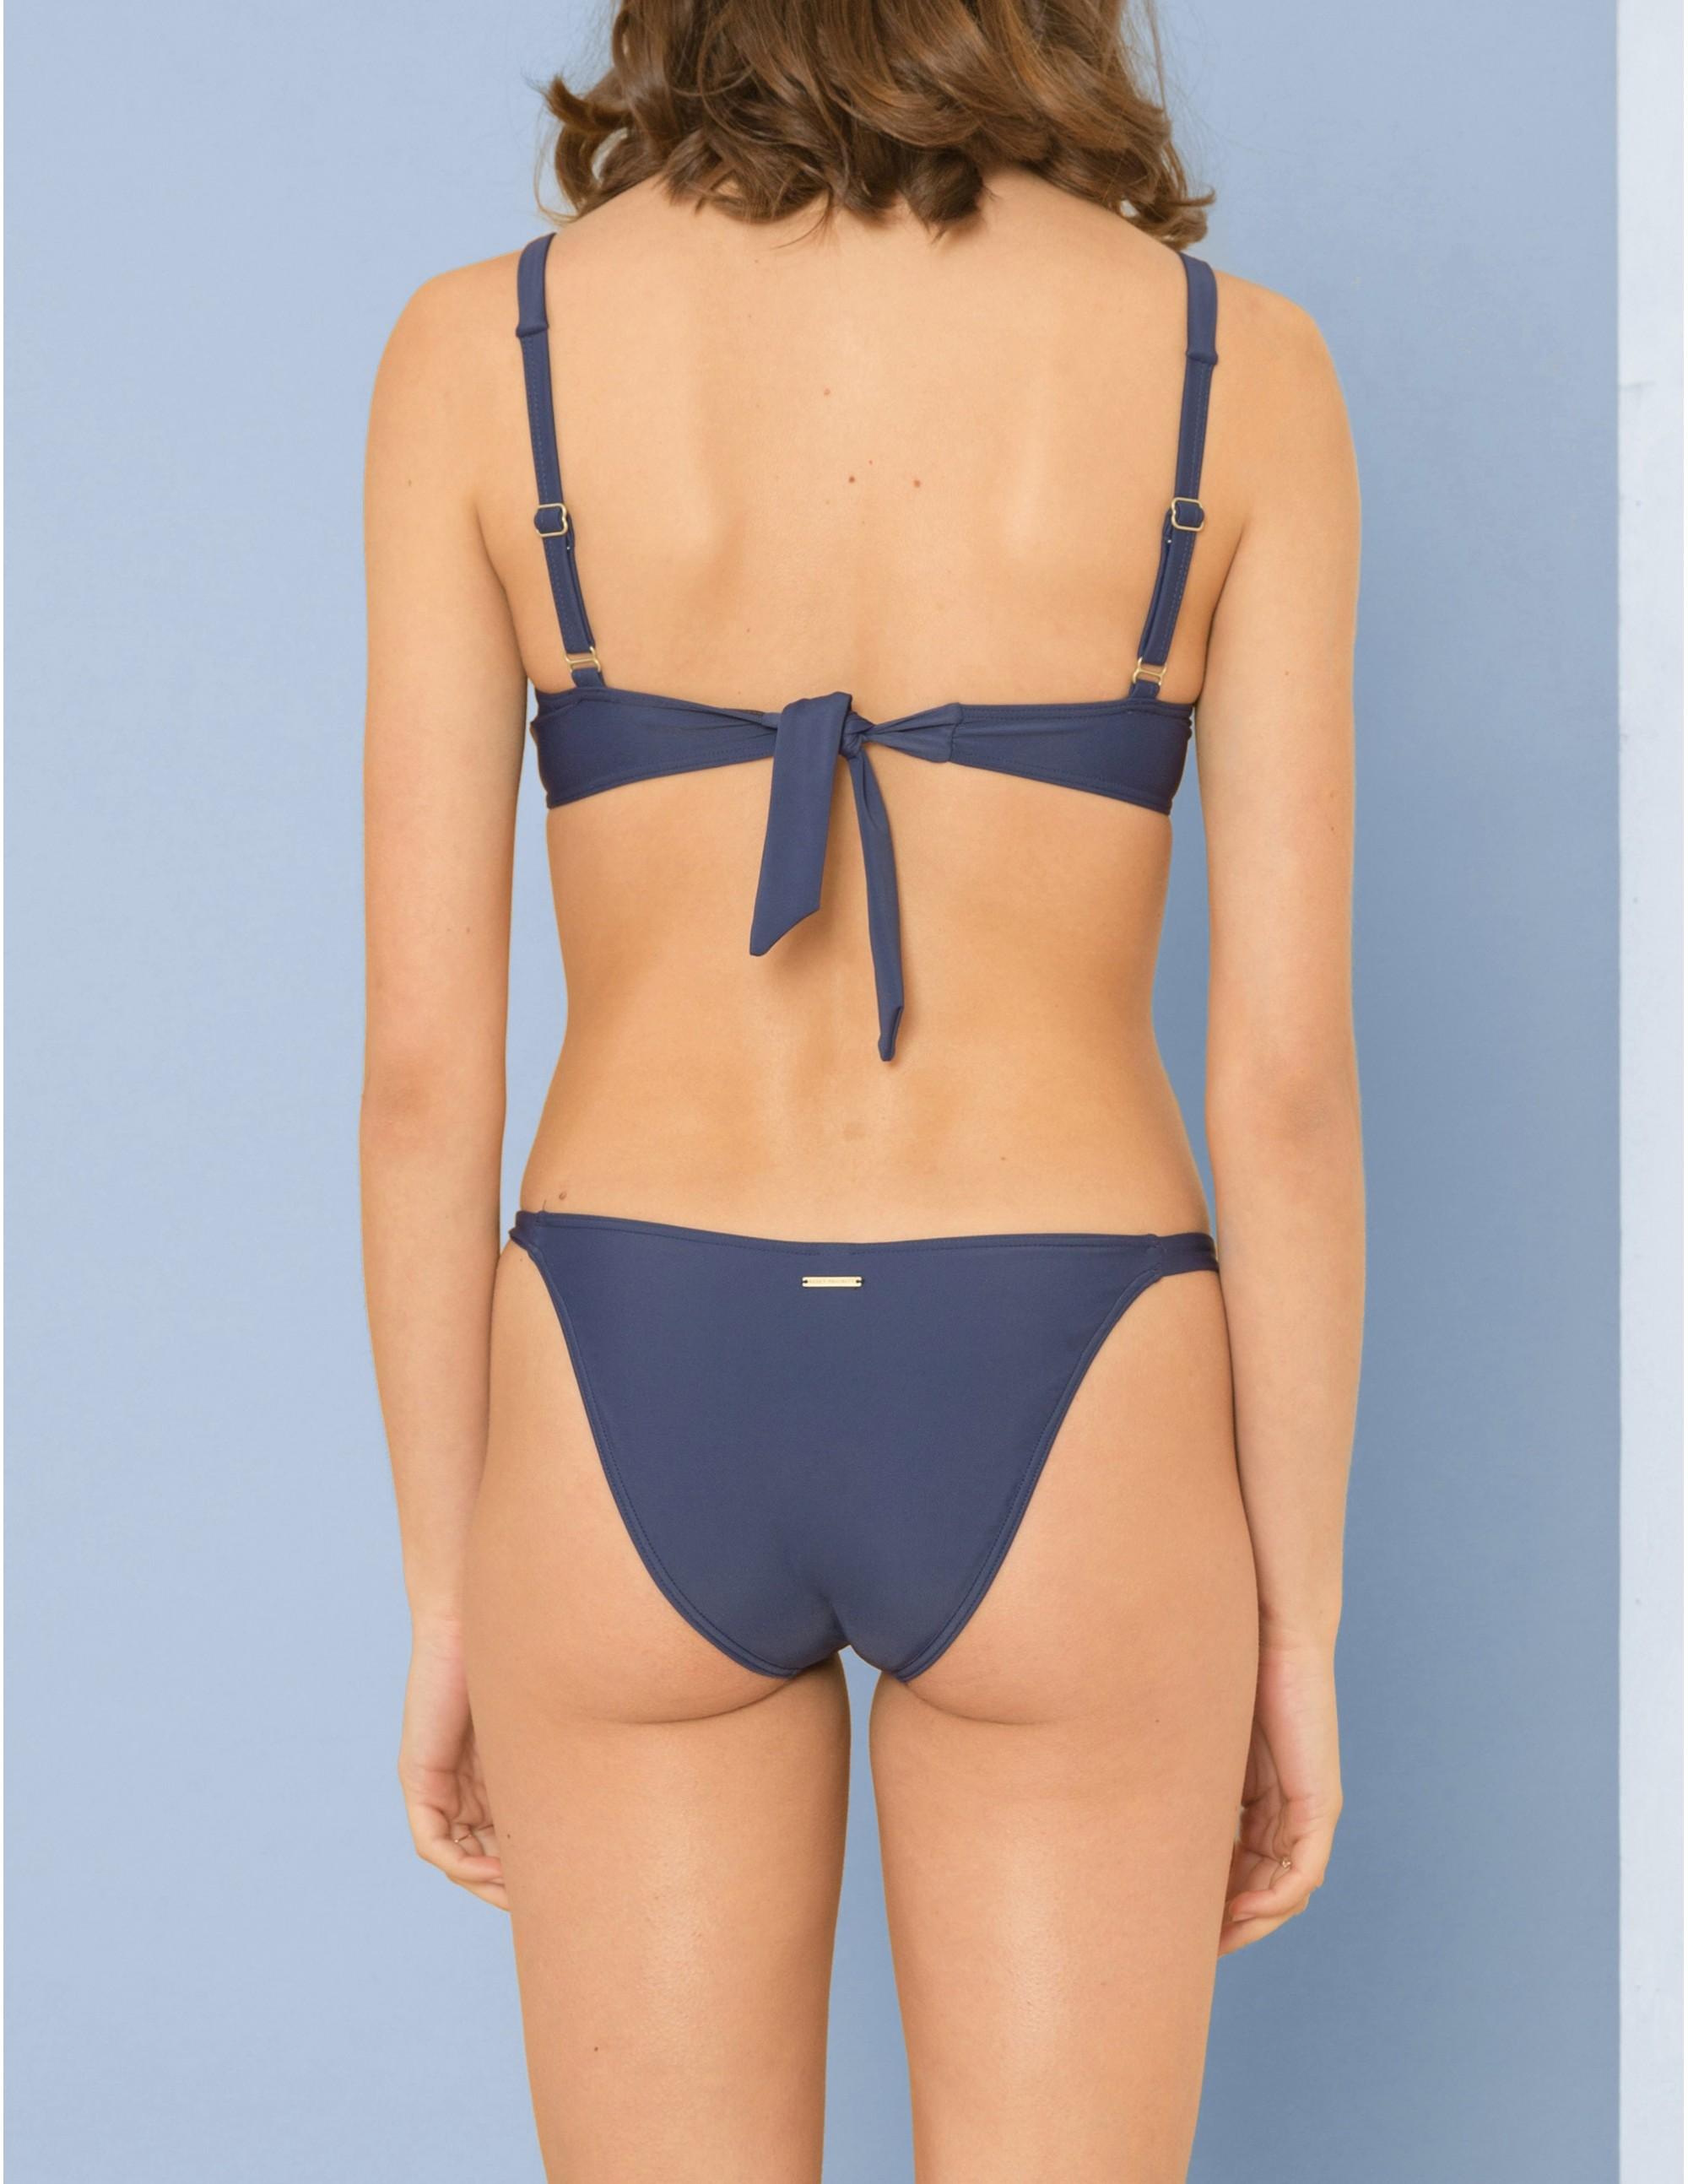 KIGO bikini bottom - BLU NOTTE